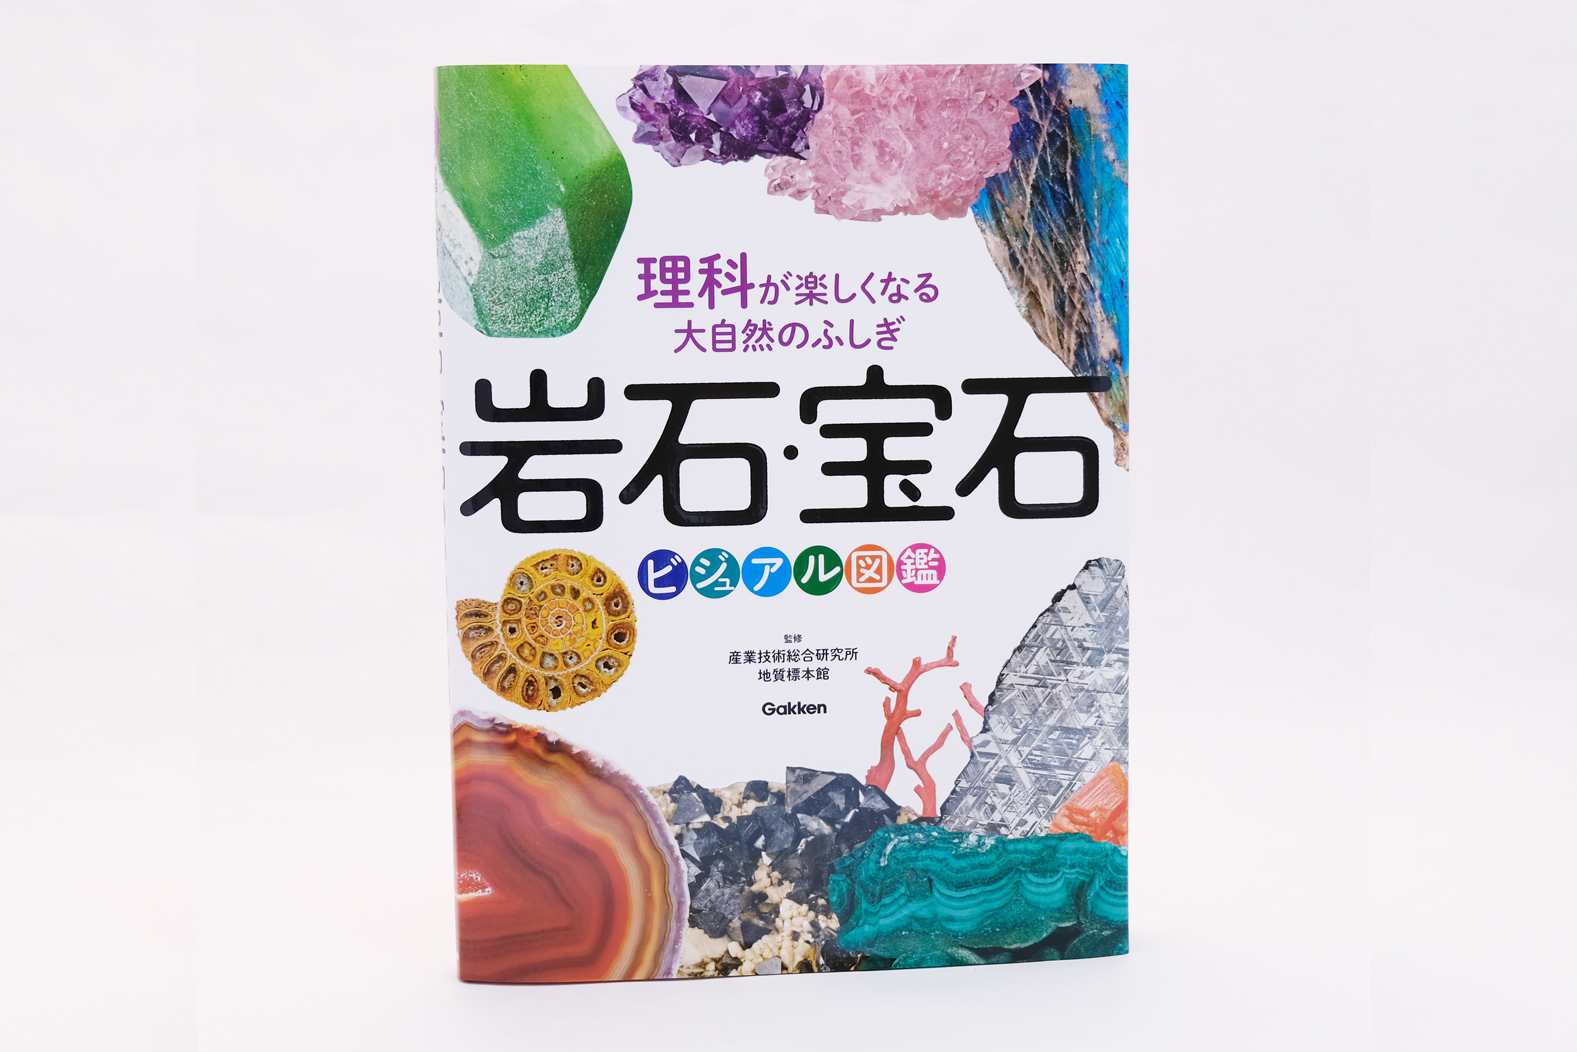 岩石・宝石_カバー.jpg